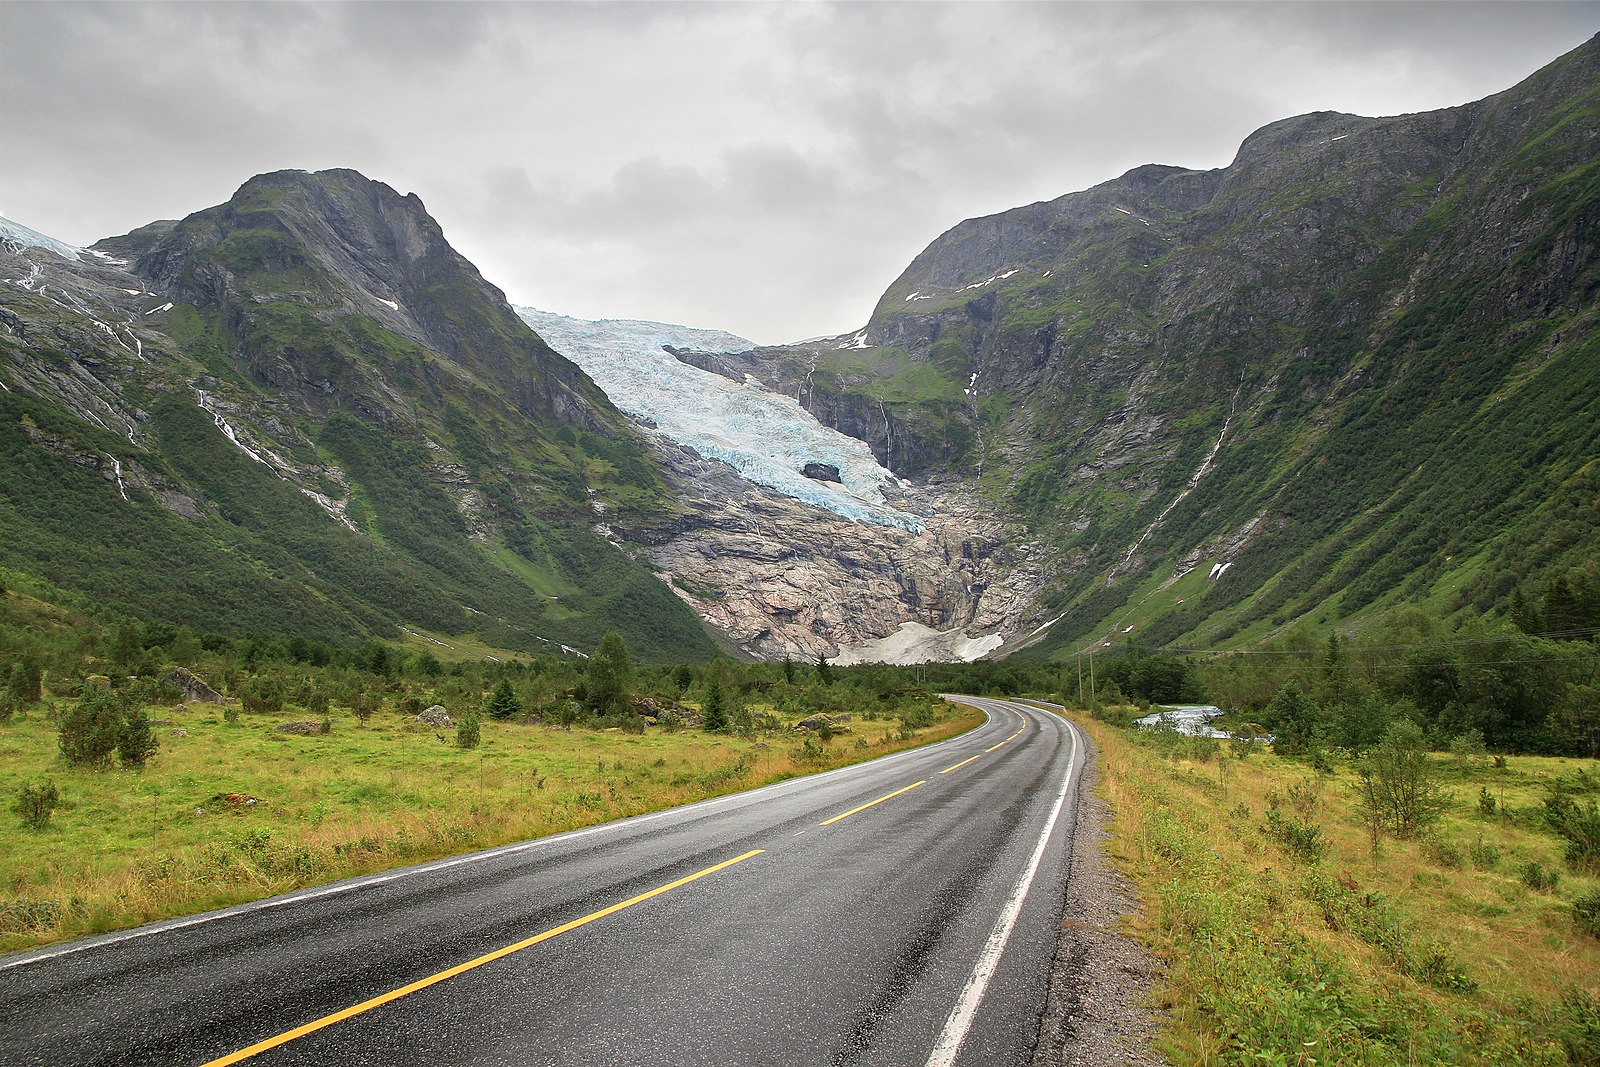 【北歐景點】朝聖歐洲大陸最大的冰河 - 挪威約詩達特冰河國家公園 (Jostedalsbreen National Park) 20